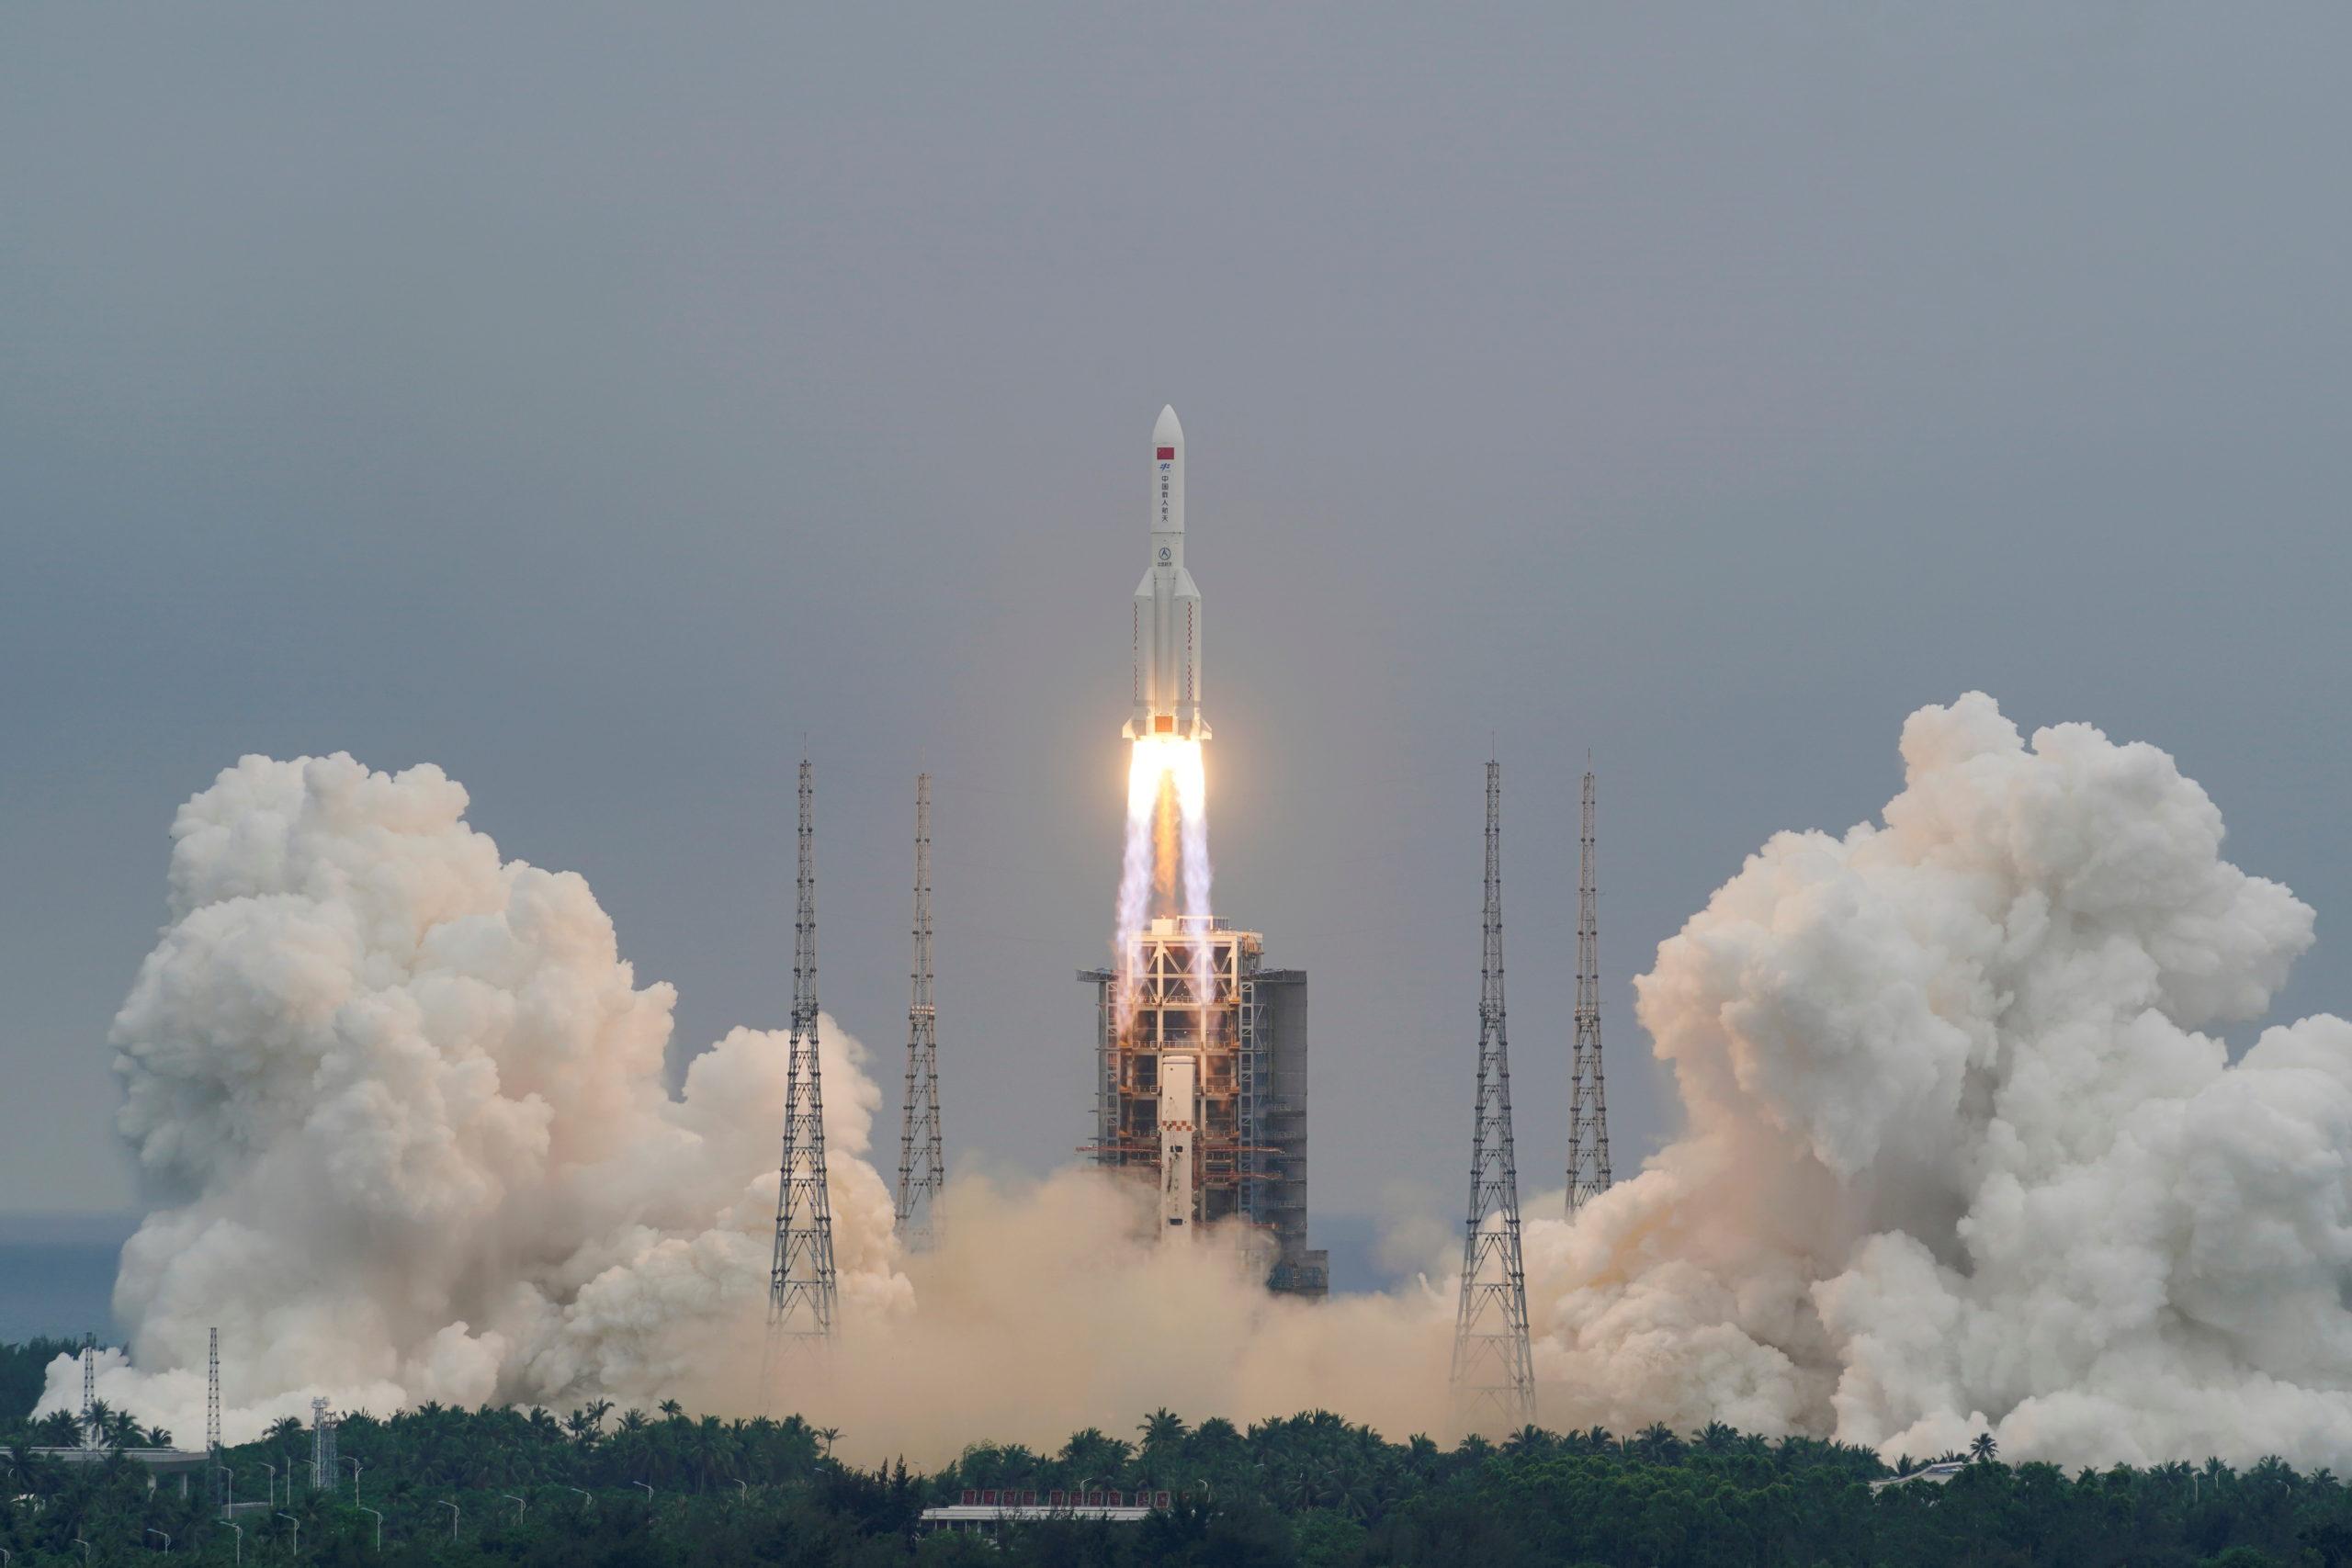 China dice es poco probable que restos de su cohete causen algún daño